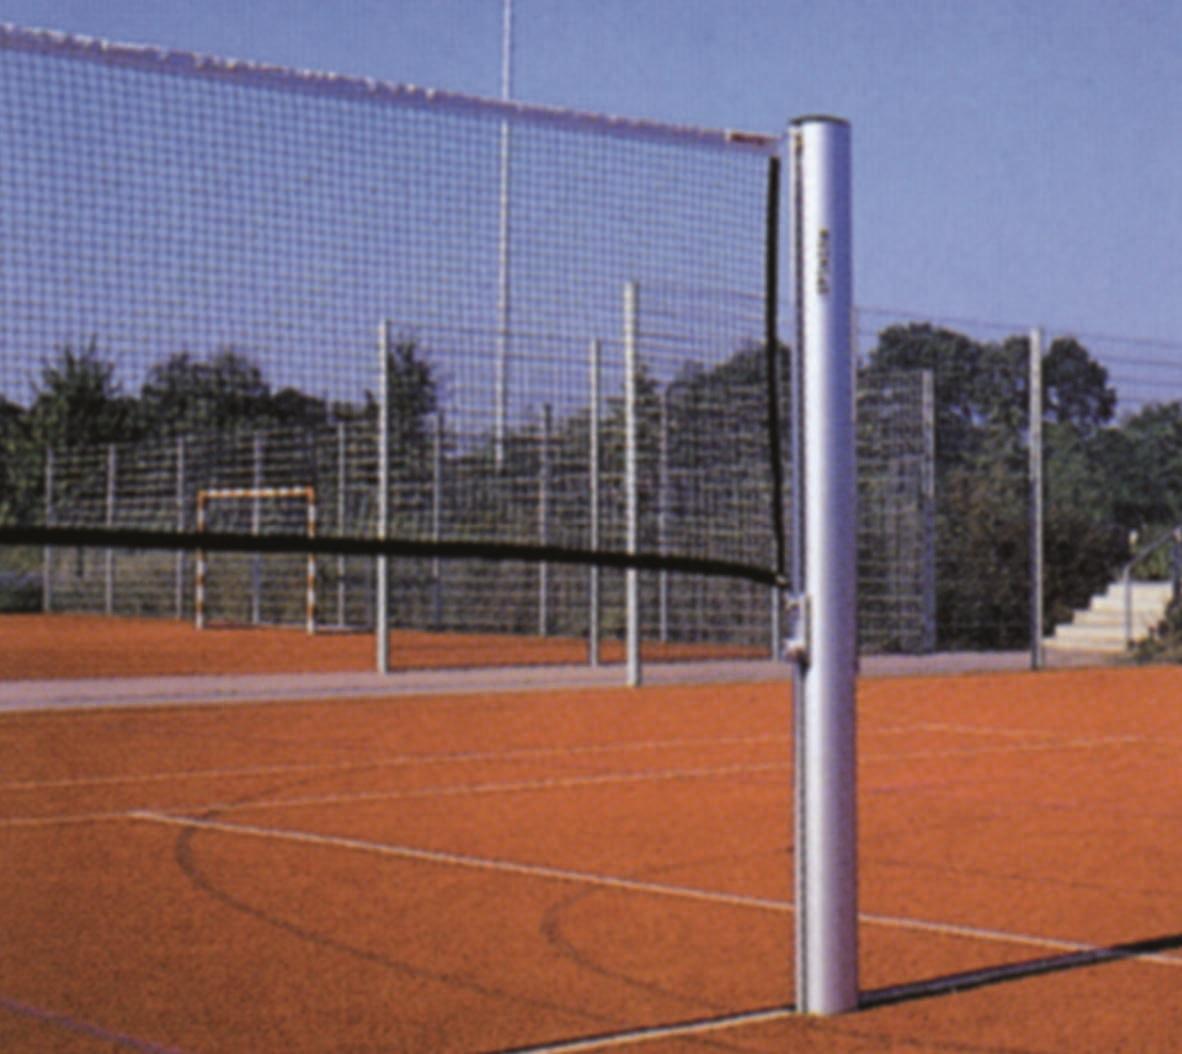 Badmintonpalen voor grondpotten